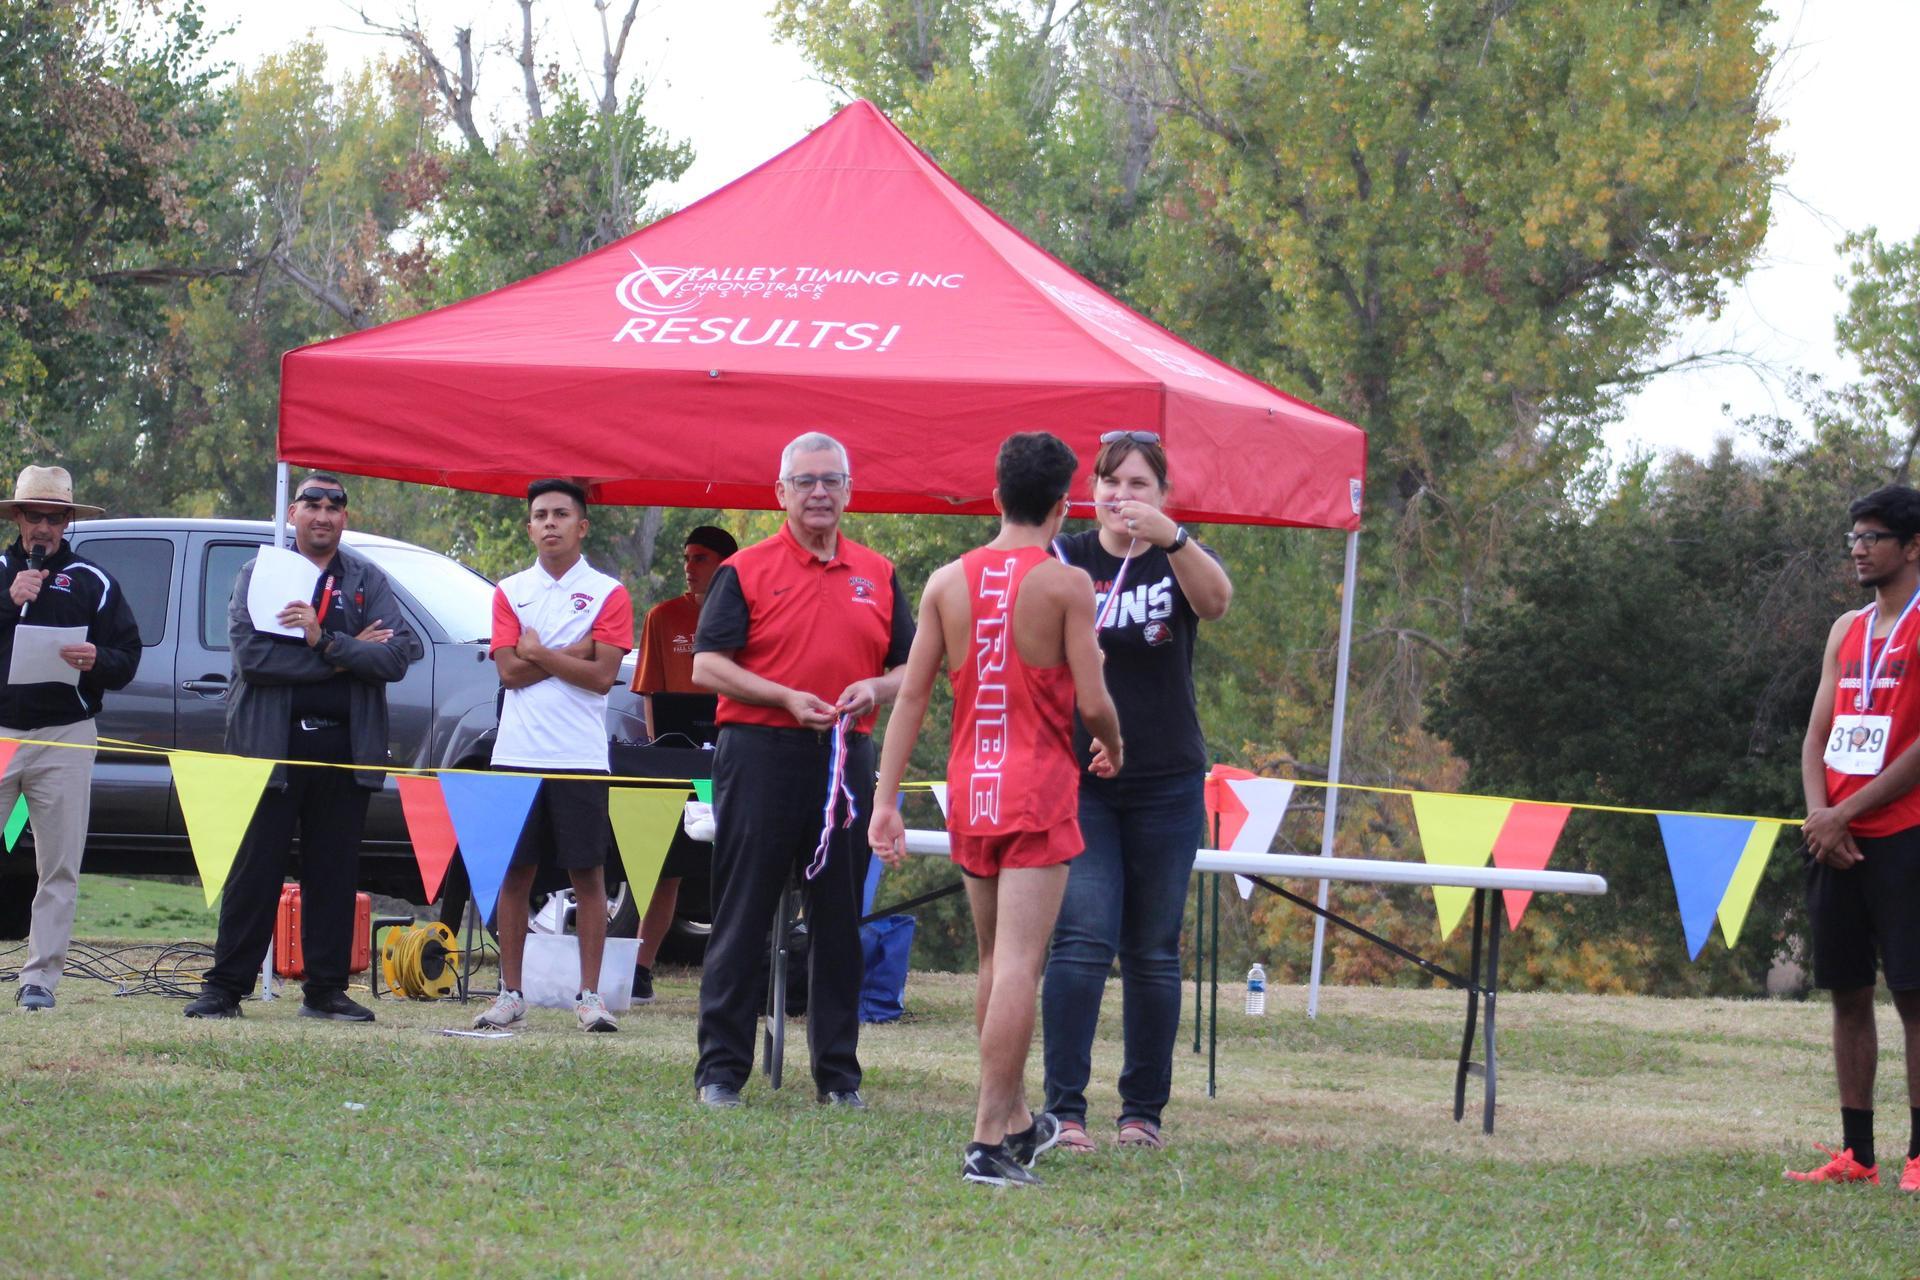 Ryan Diaz receiving medals